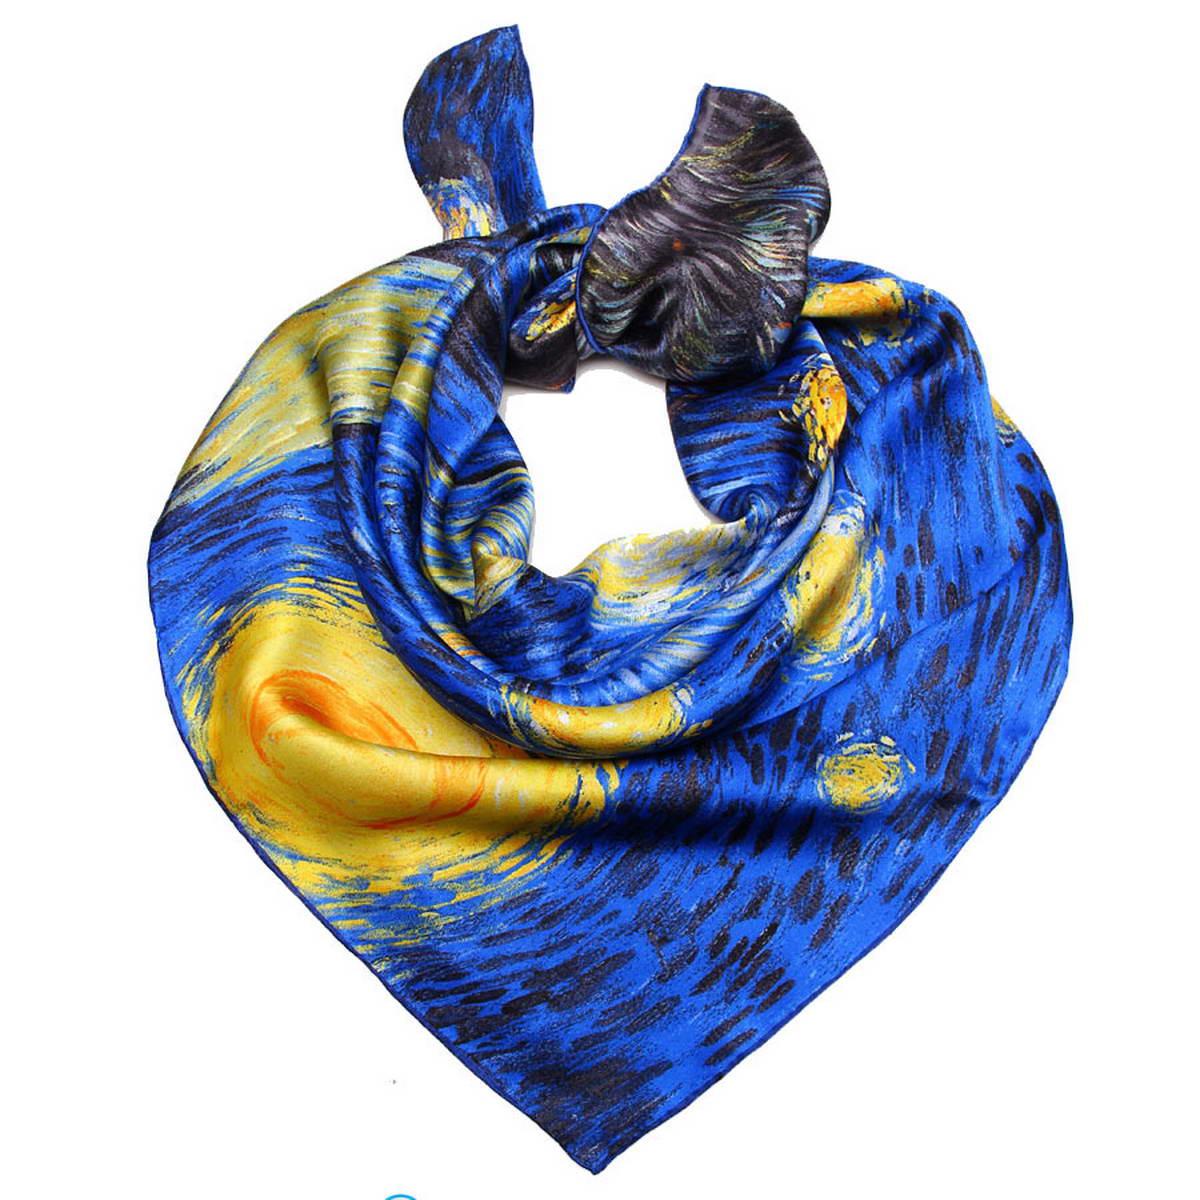 1810912-10Стильный женский платок Venera станет великолепным завершением любого наряда. Платок изготовлен из 100% шелка и оформлен изображение картины Винсента Ван Гога Звездная ночь. Классическая квадратная форма позволяет носить платок на шее, украшать им прическу или декорировать сумочку. Легкий и приятный на ощупь платок поможет вам создать изысканный женственный образ. Такой платок превосходно дополнит любой наряд и подчеркнет ваш неповторимый вкус и элегантность.